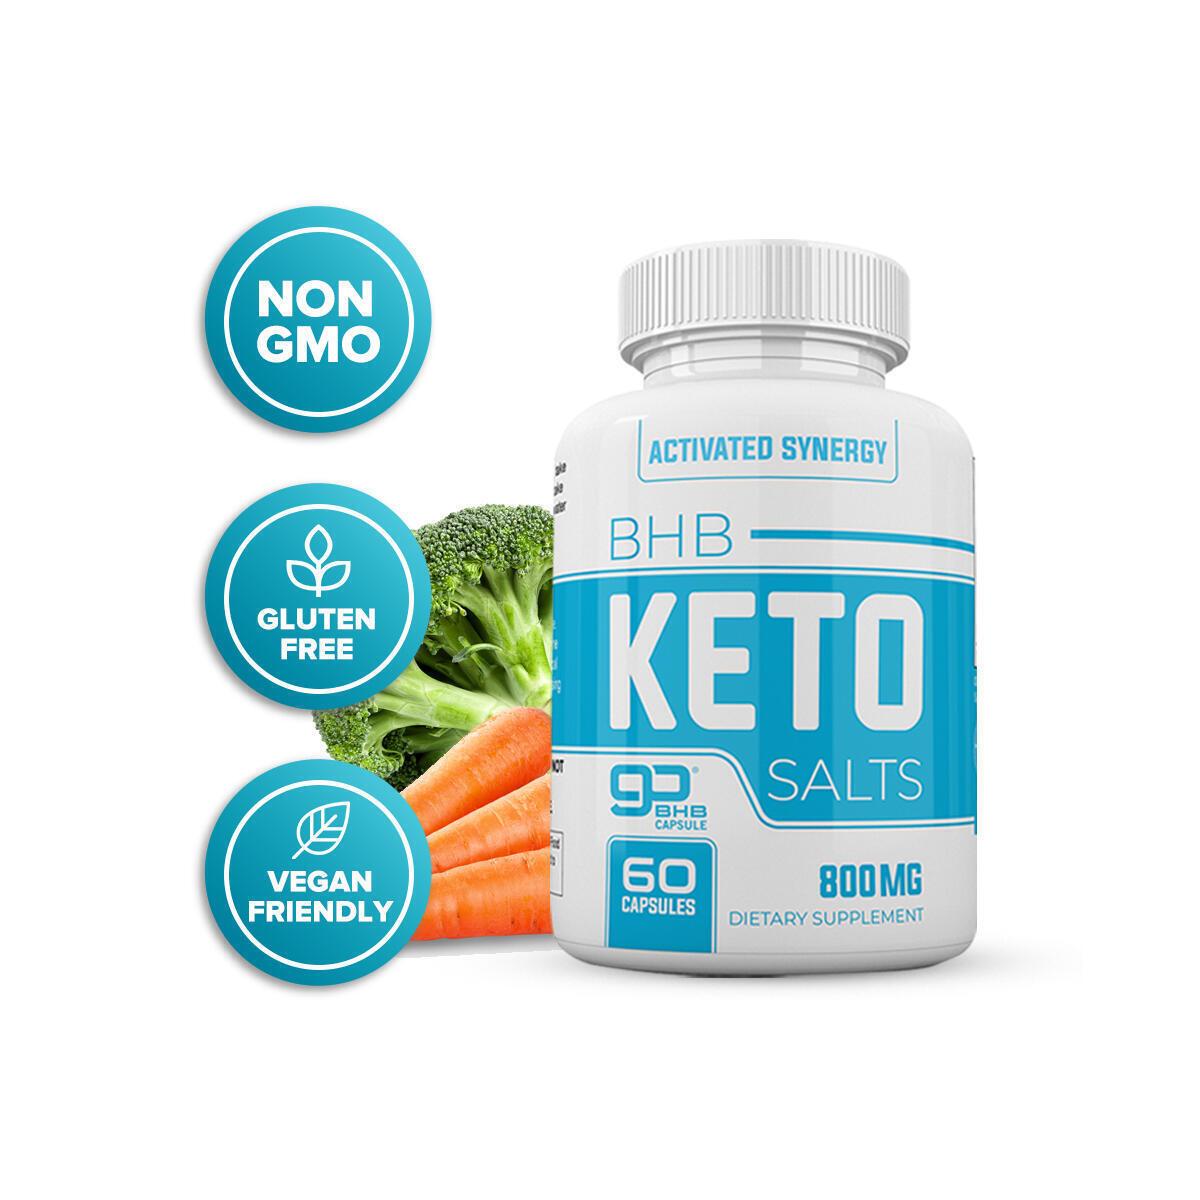 Synergy Keto Diet Weight Loss Fat Burner Supplement Pills Men Women 60 Capsule